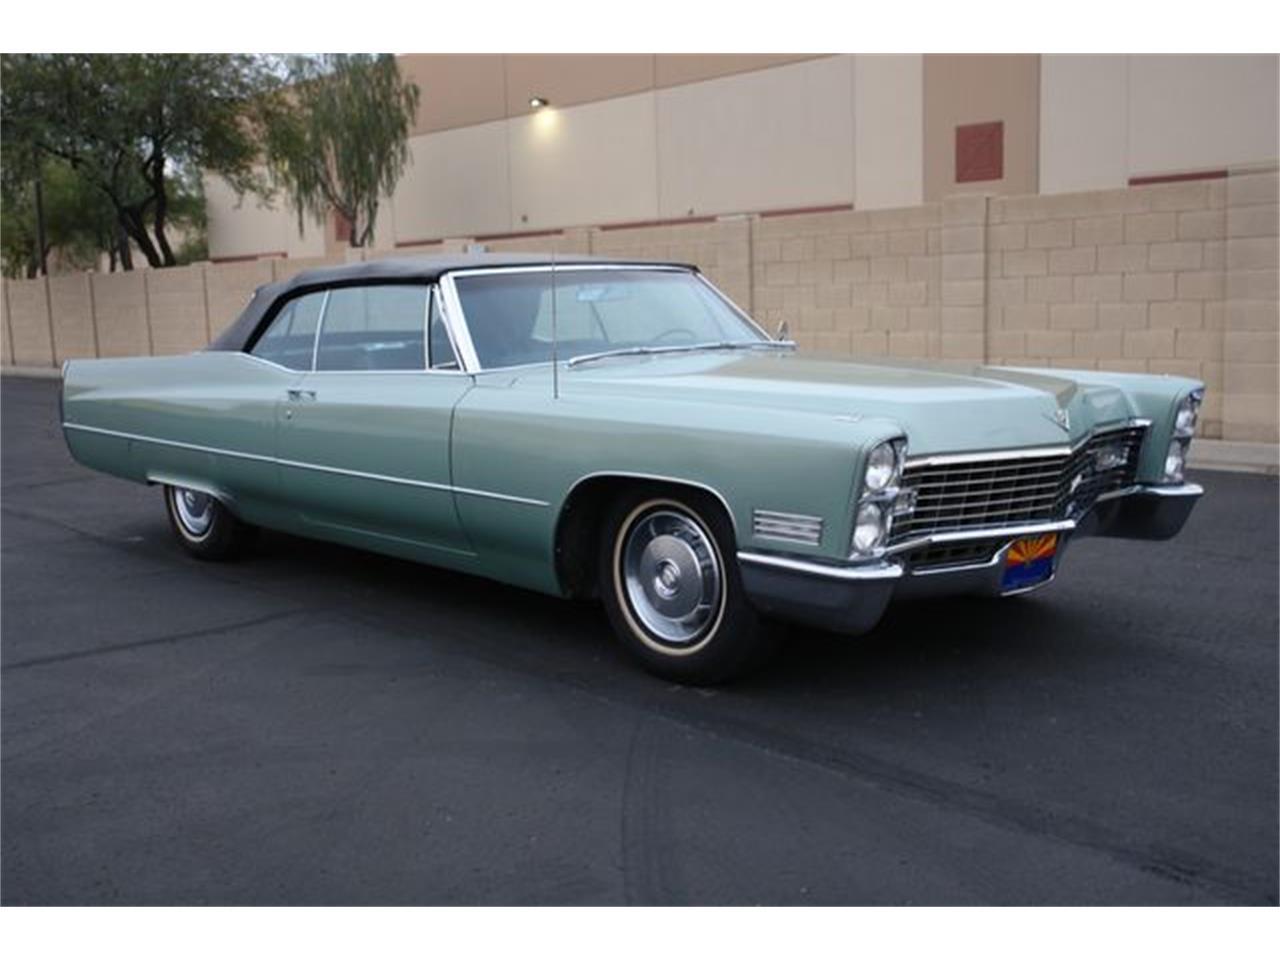 Cadillac DeVille 1967 prix tout compris 1967